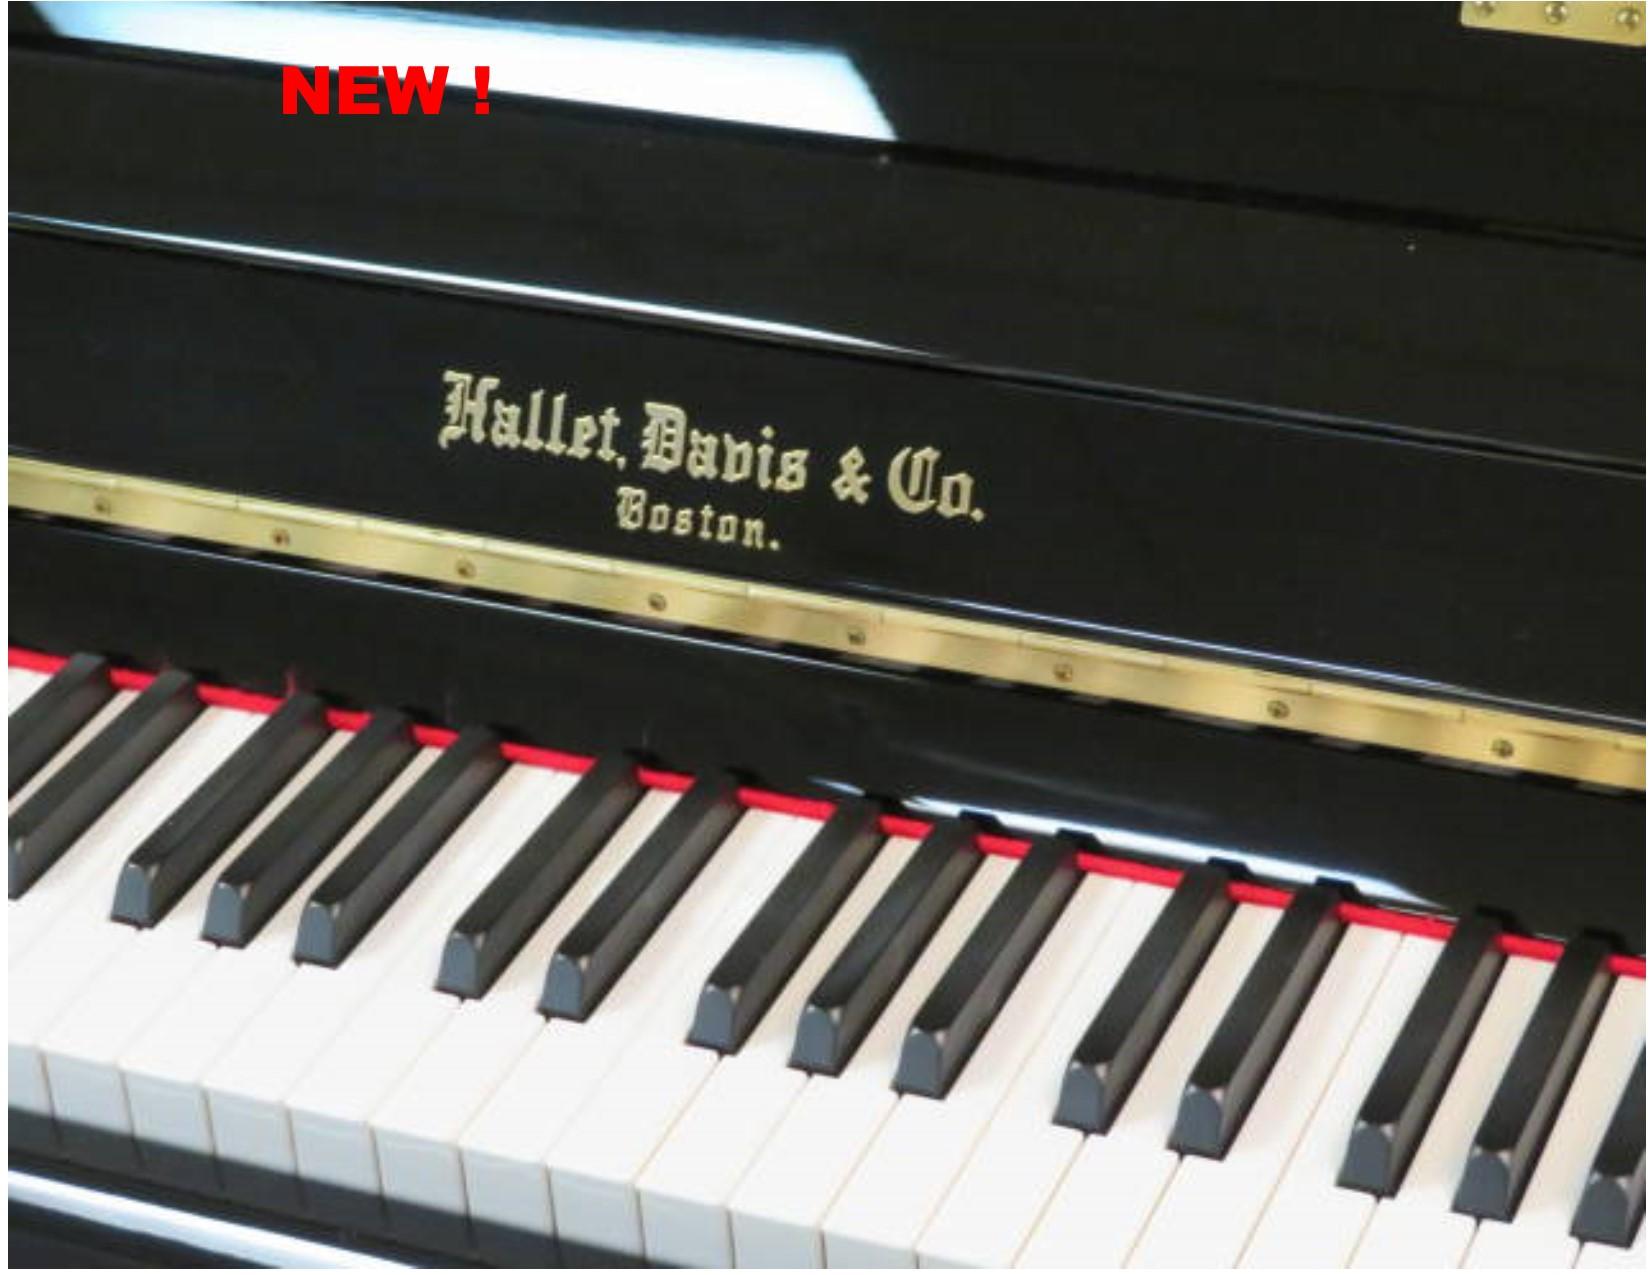 """12365 <br><font color=""""black""""><b> NEW HALLET DAVIS</b></font> 48″ Professional Upright<br> •European Design<br> •European Sound <br>•European Tradition <br><font color=""""blue""""><b>Click Picture for """"Live Video""""</b></font>"""